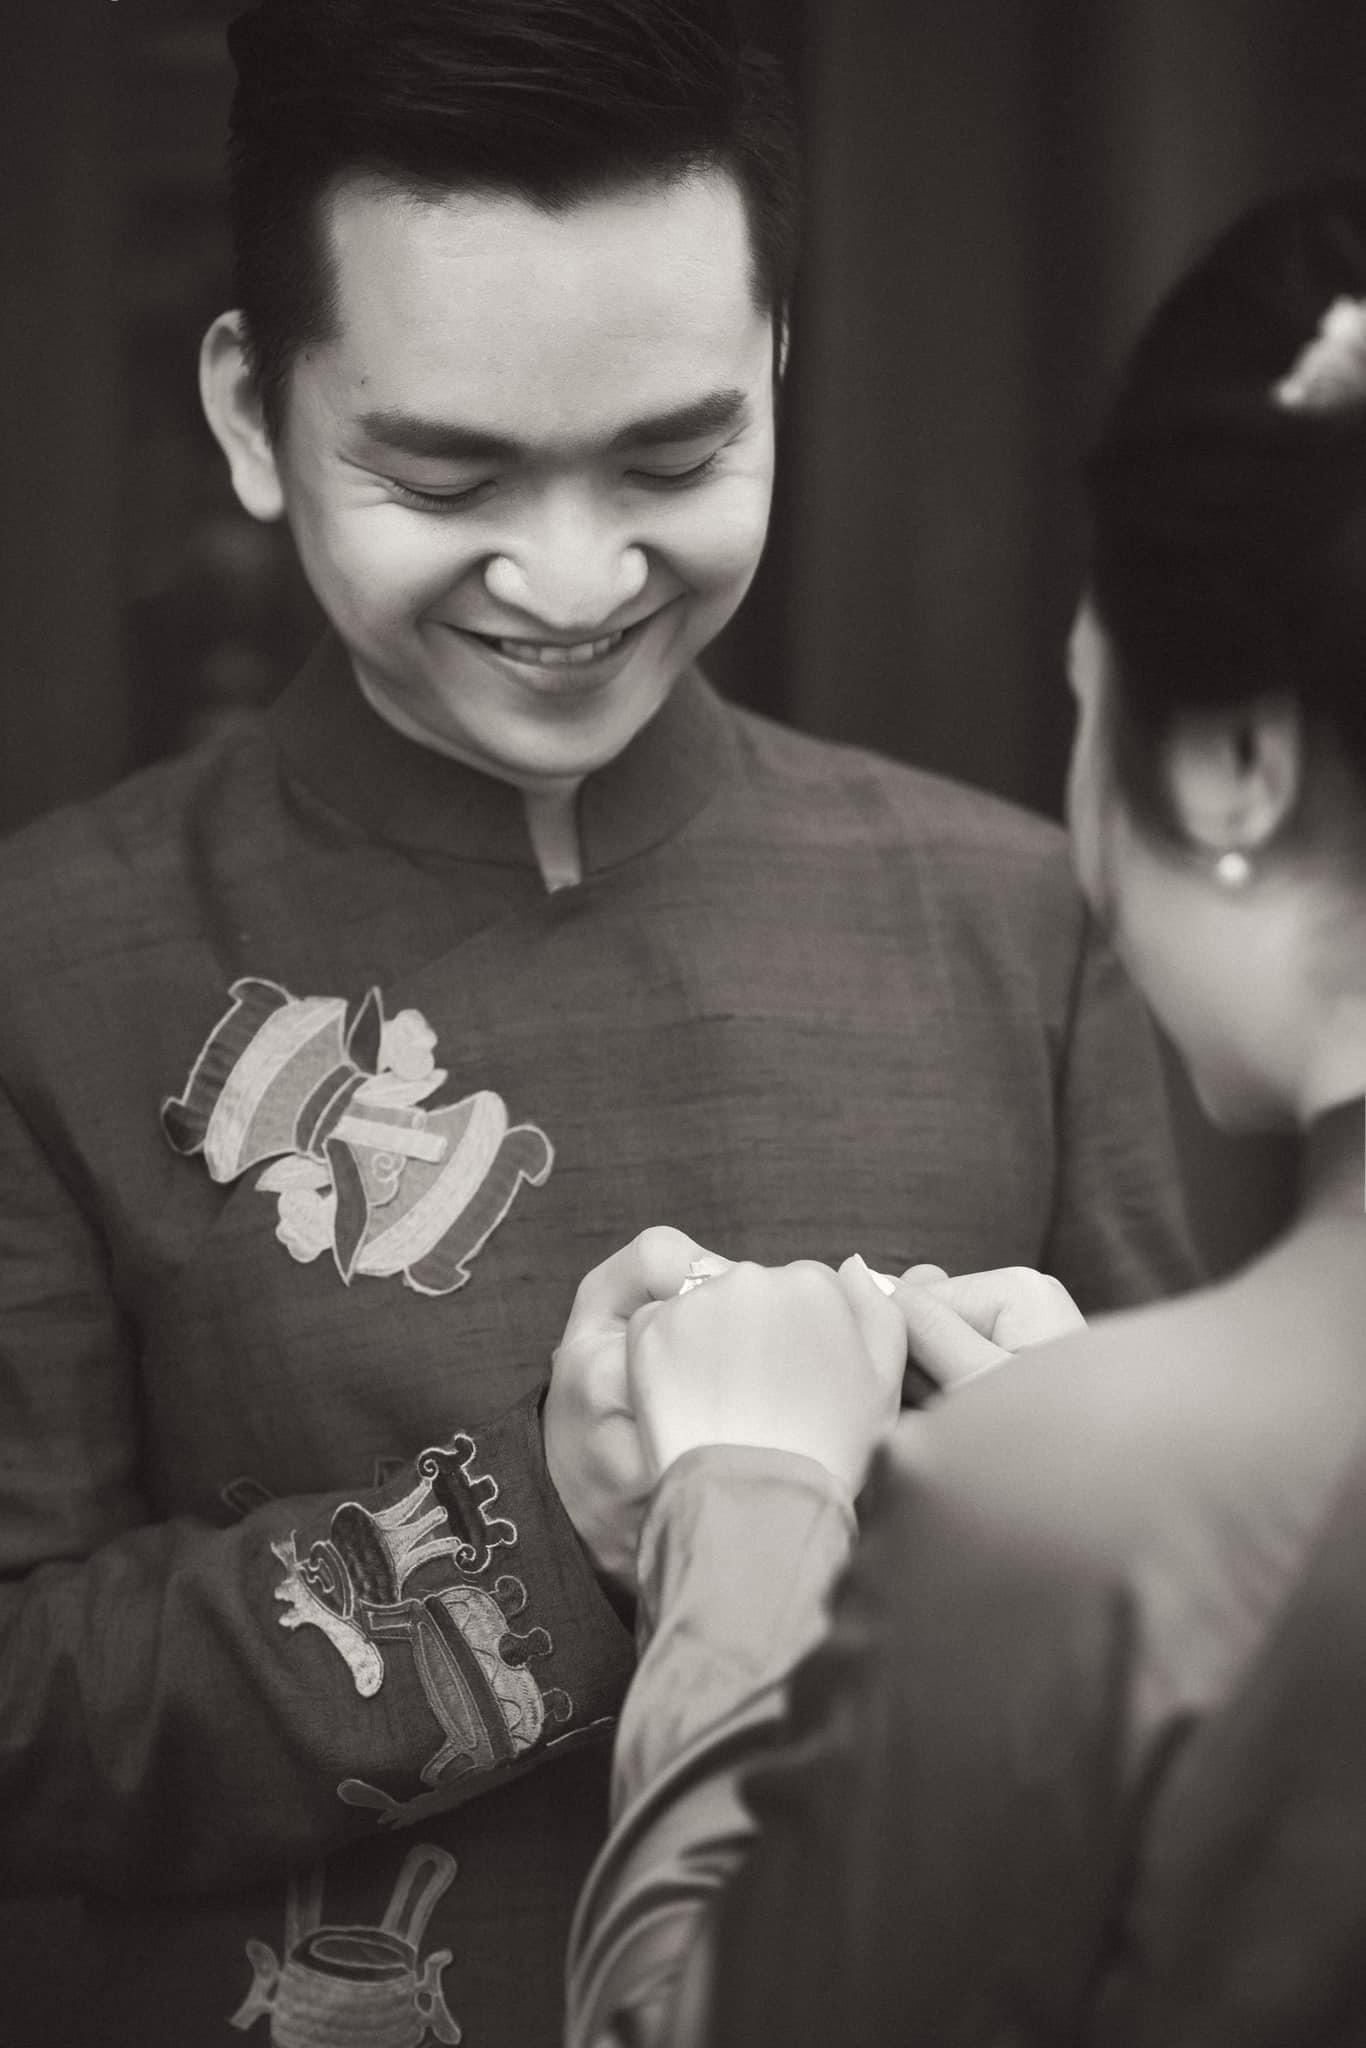 mc hanh phuc 9 MC Hạnh Phúc lần đầu đăng ảnh cưới sau hơn 1 năm kết hôn